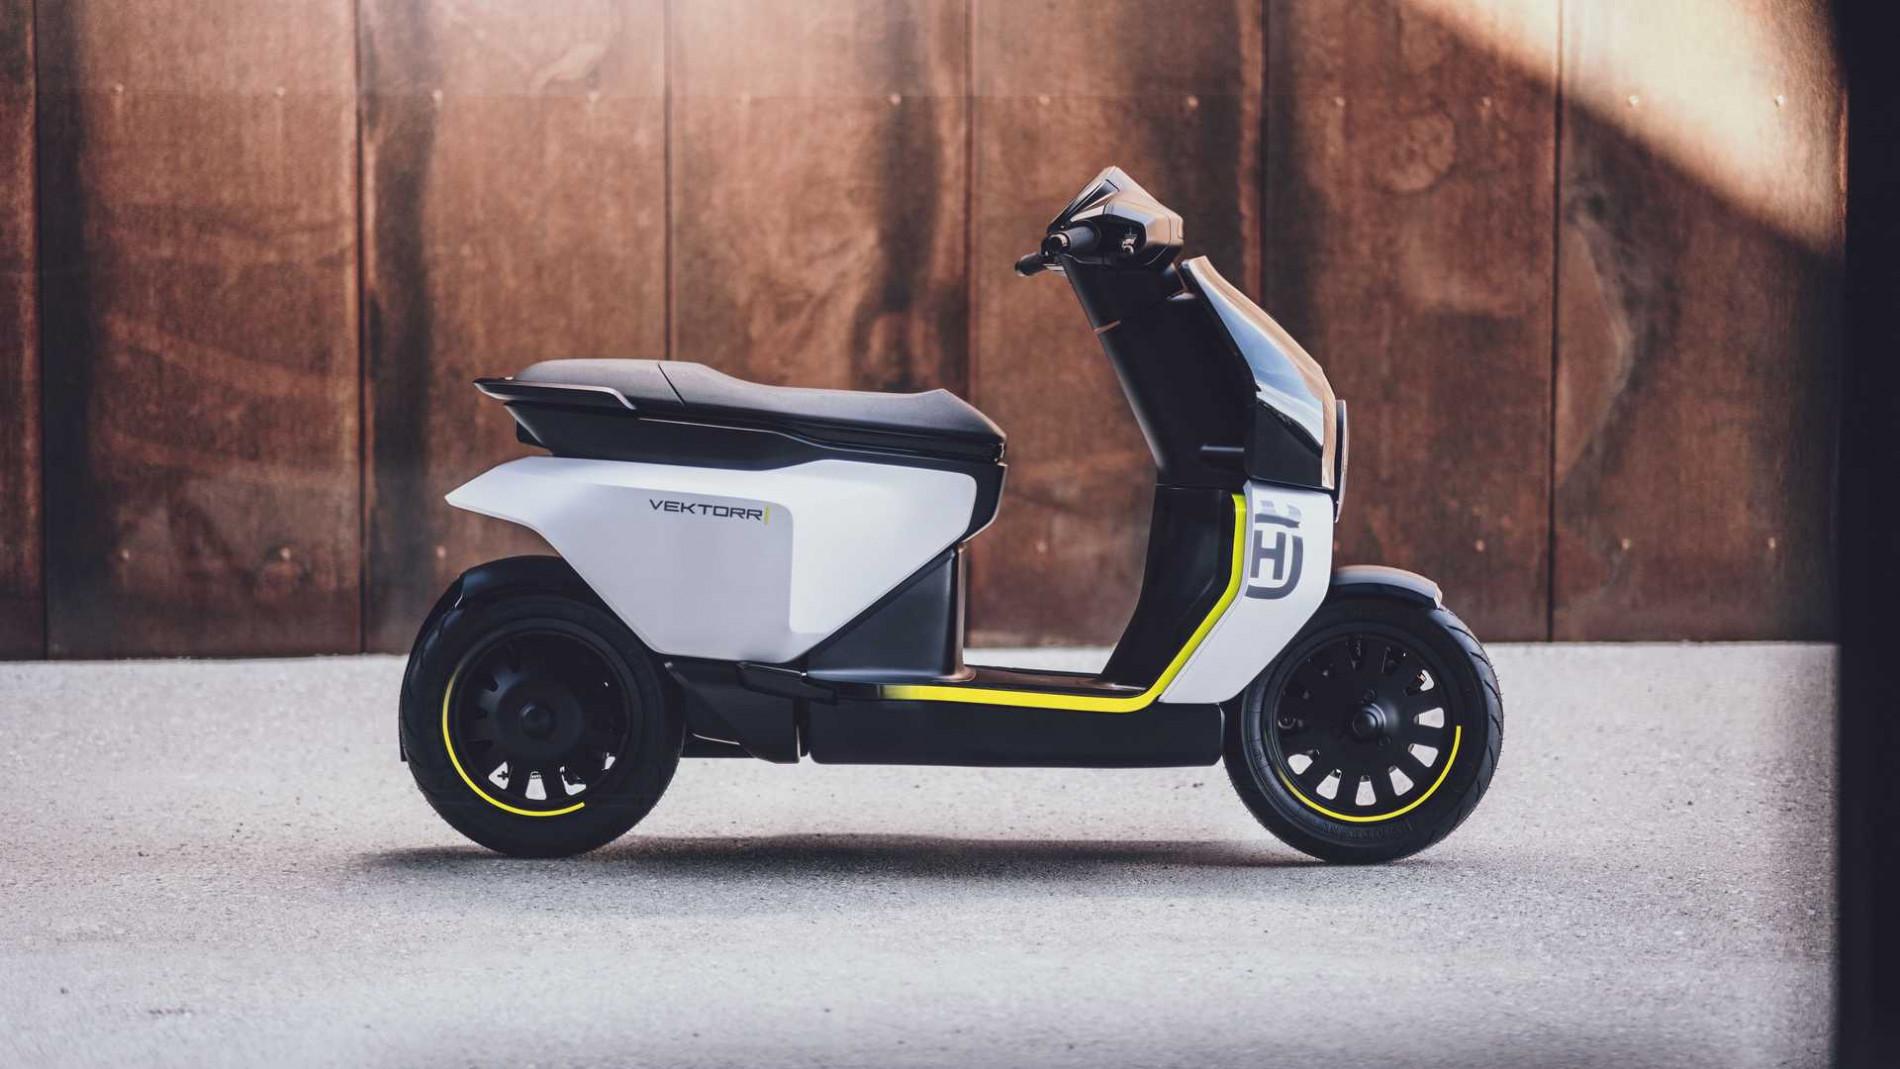 """Mẫu xe máy điện mới thiết kế """"sắc lẹm"""", sạc đầy pin đi 95 km, chặt đẹp mọi mẫu mã - Ảnh 1."""